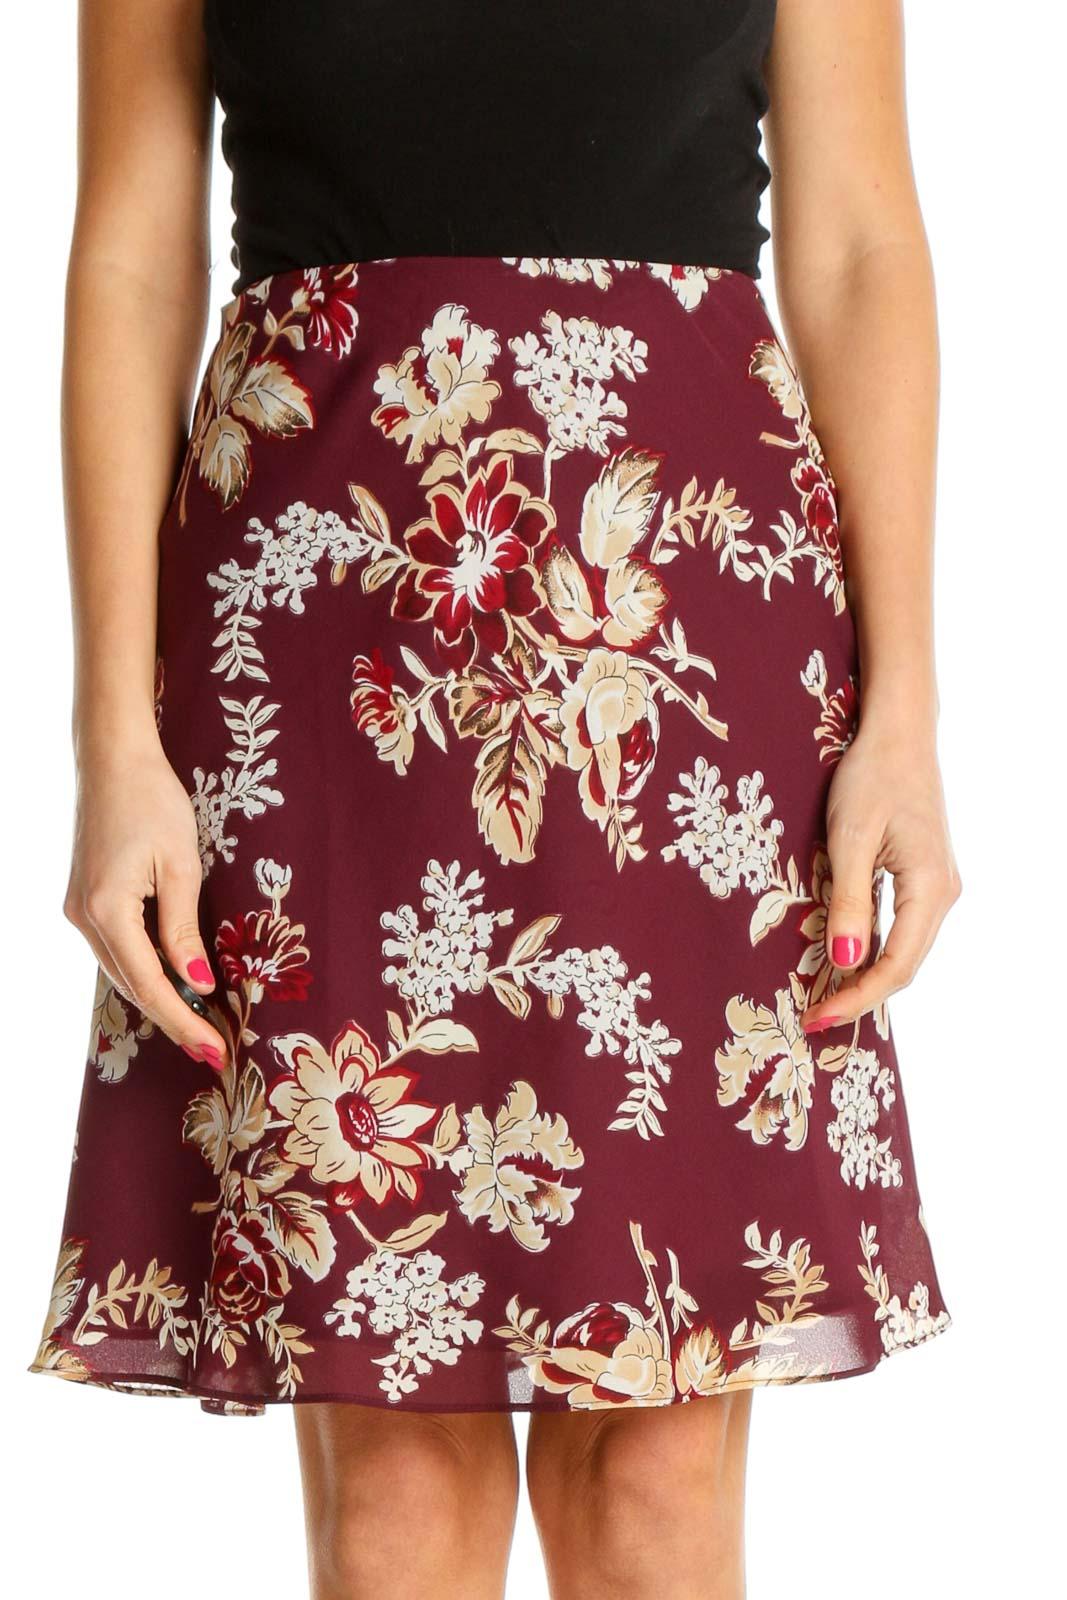 Red Floral Print Brunch A-Line Skirt Front